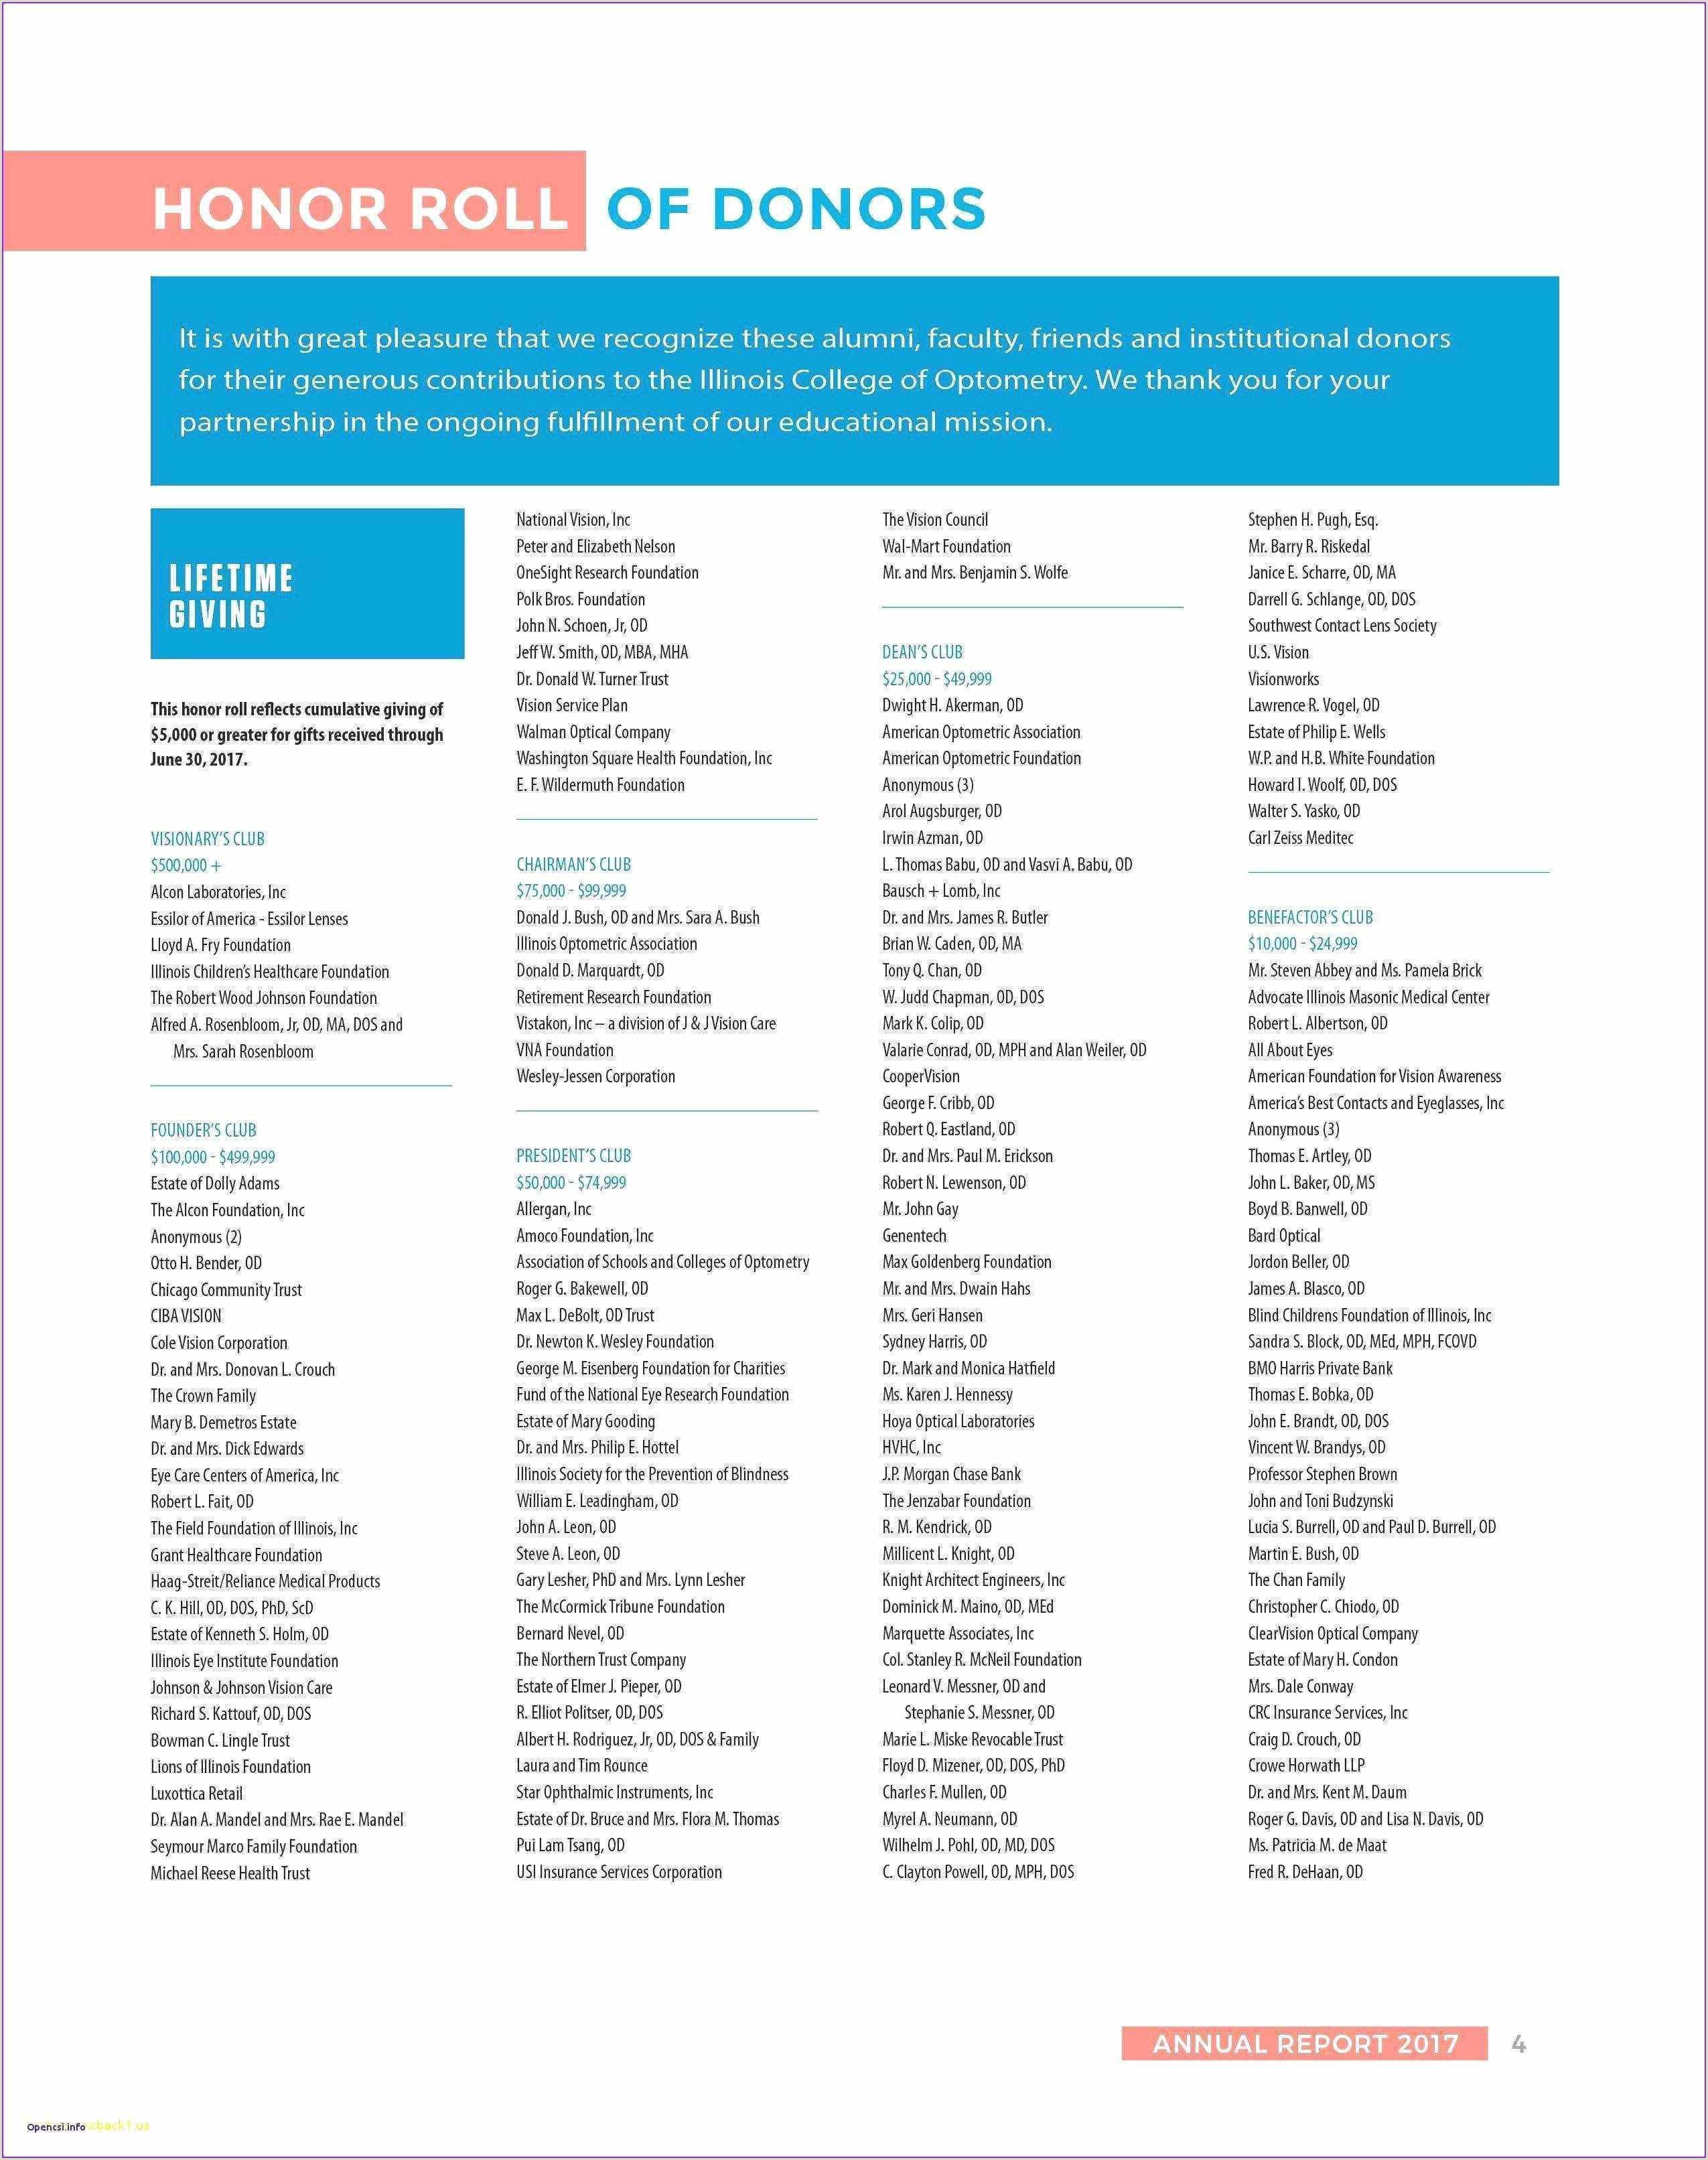 Lebenslauf Muster Pdf Download Lebenslauf Hobbies 12 Lebenslauf Vorlage Kostenlos Pdf